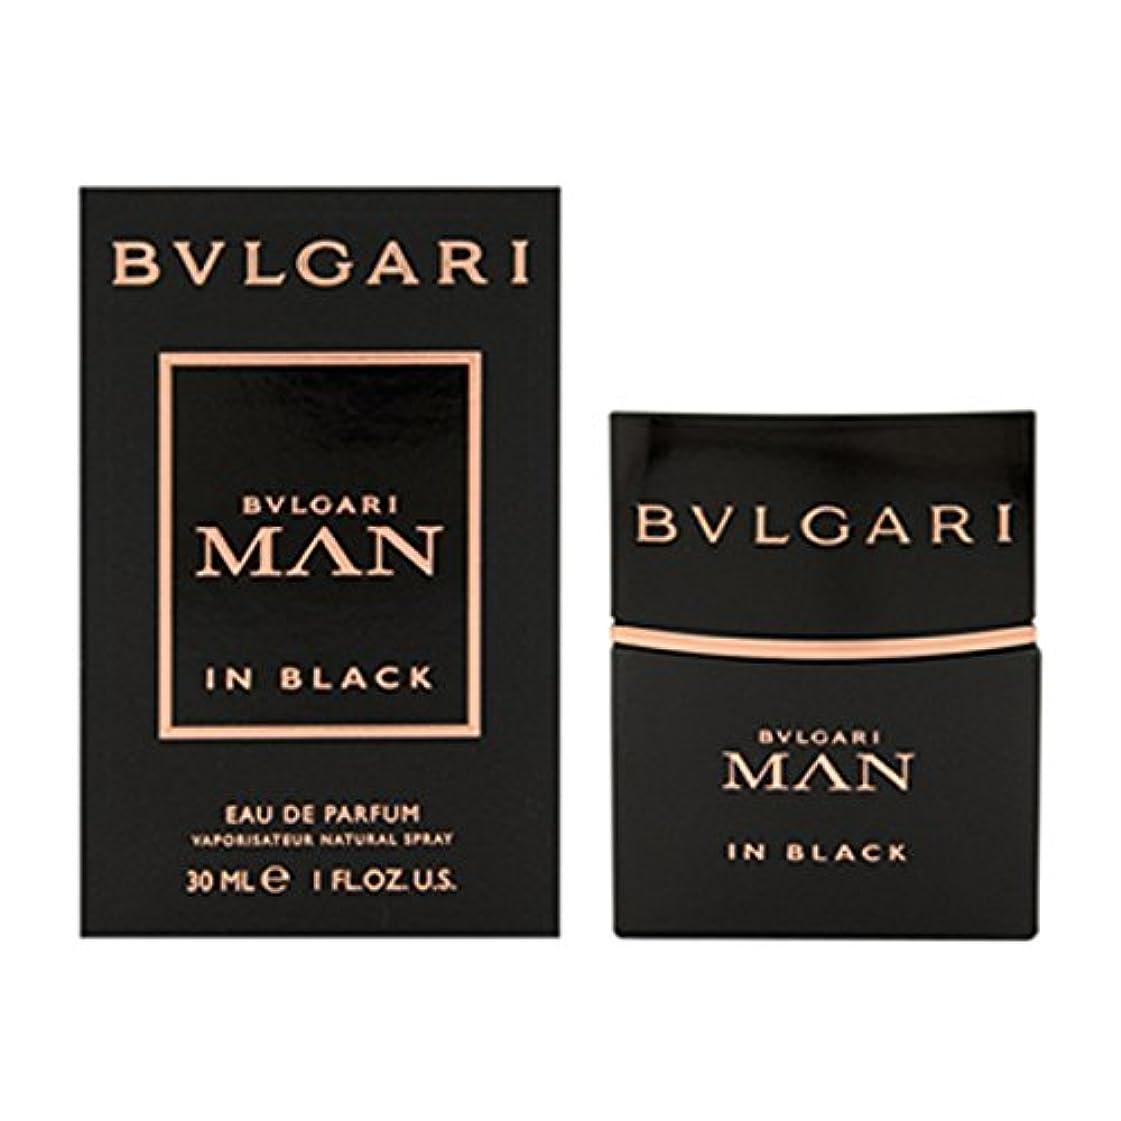 チャンピオン説明する不実BVLGARI マン イン メンズ 香水 EP/SP/30ml 4044-BV-30 ブラック [並行輸入品]